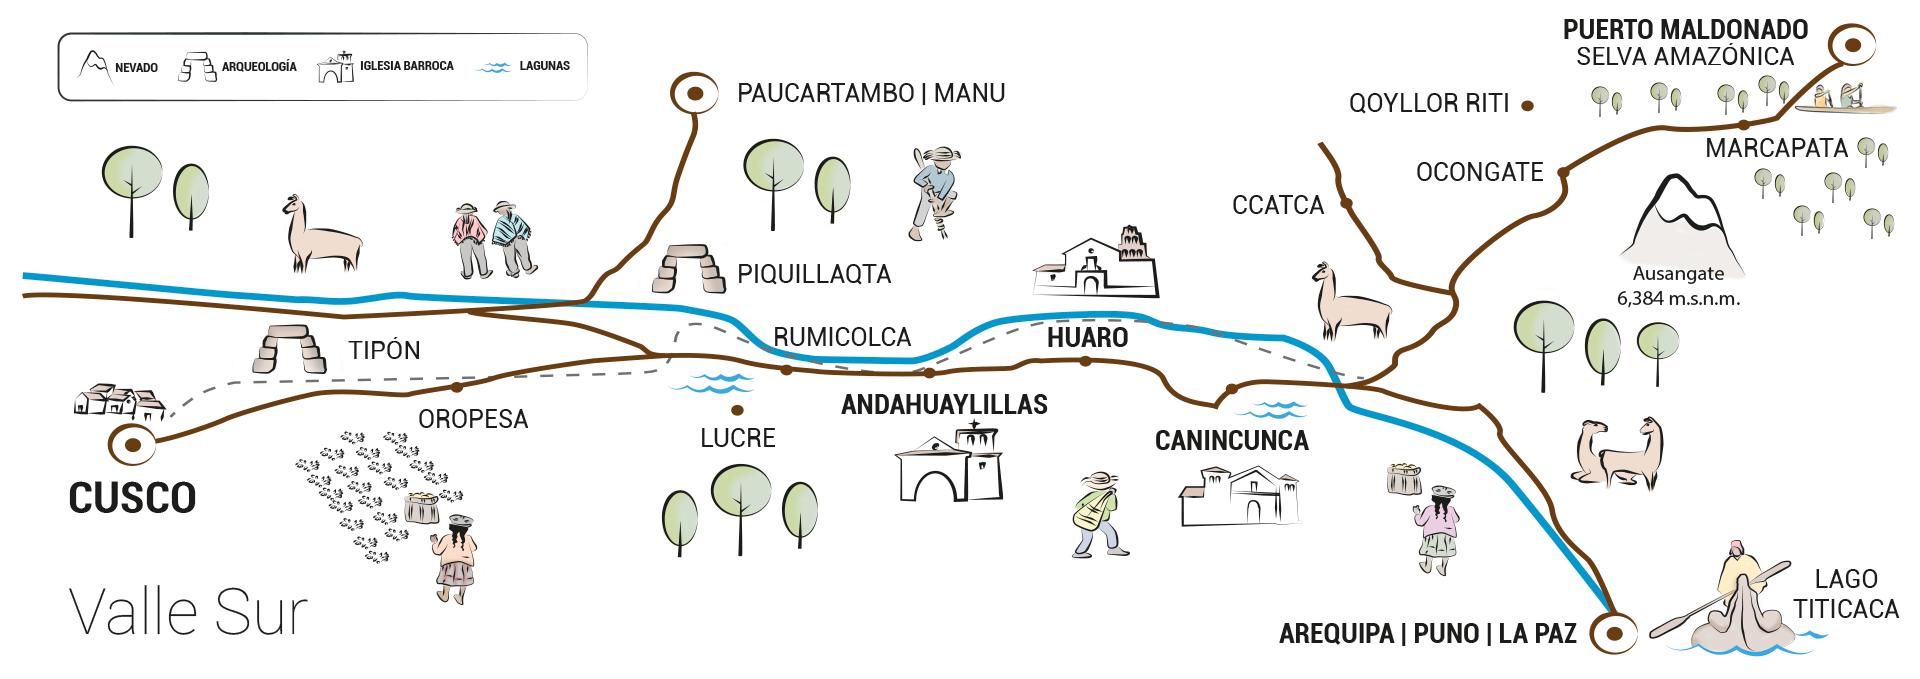 la ruta del barroco andino - mapaRBA